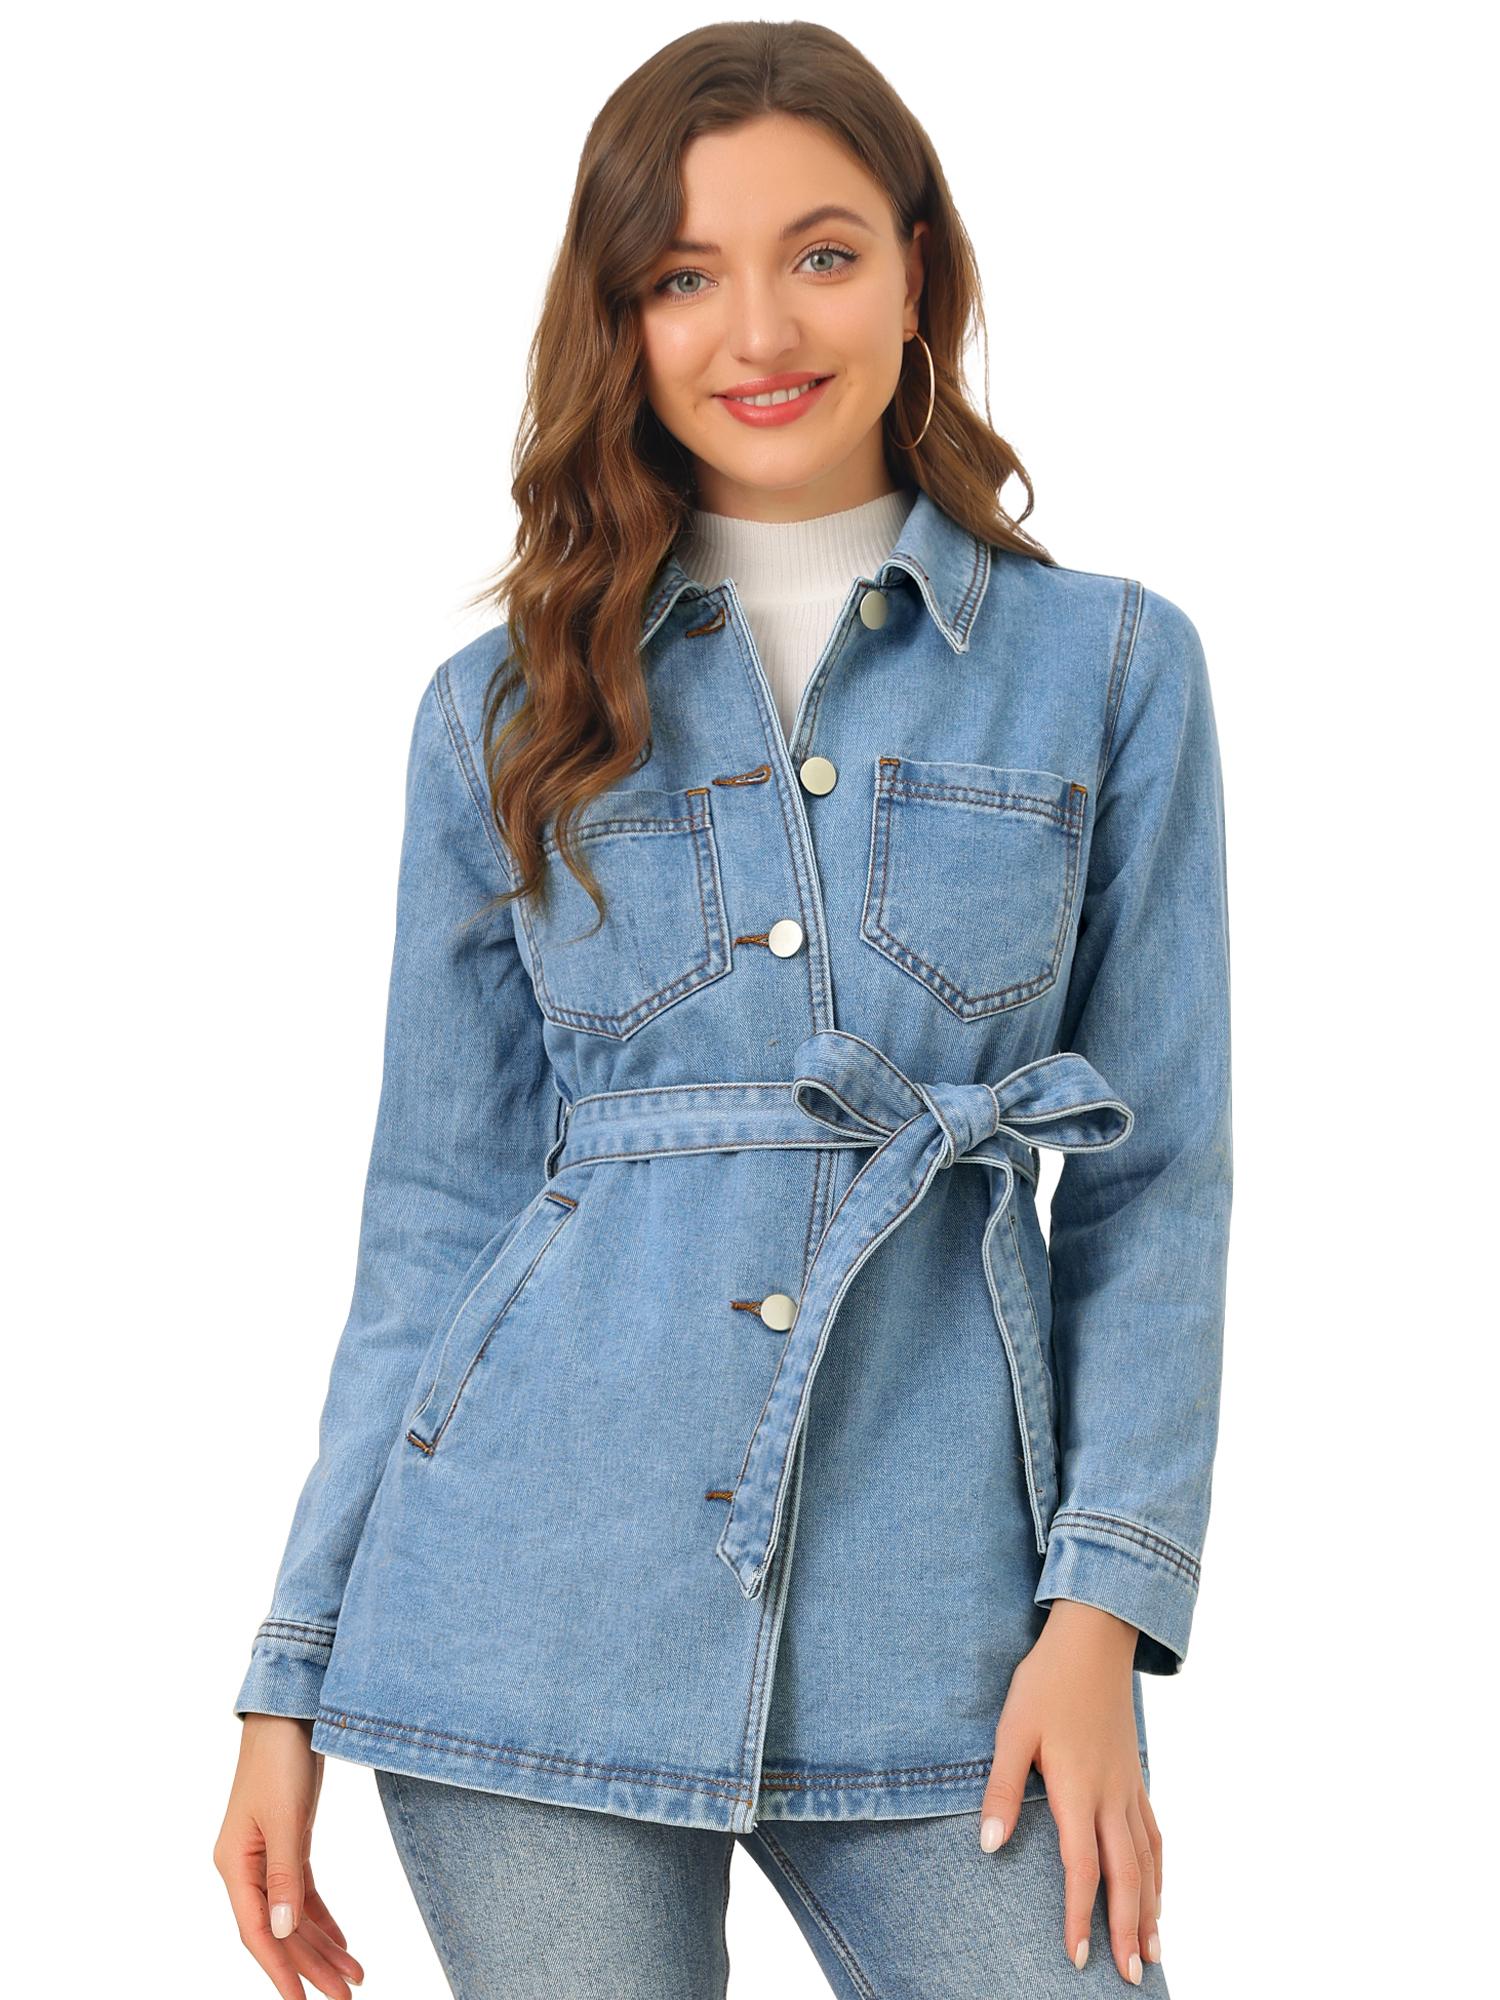 Allegra K Woman's Boyfriend Tie Waist Loose Denim Jacket Blue L